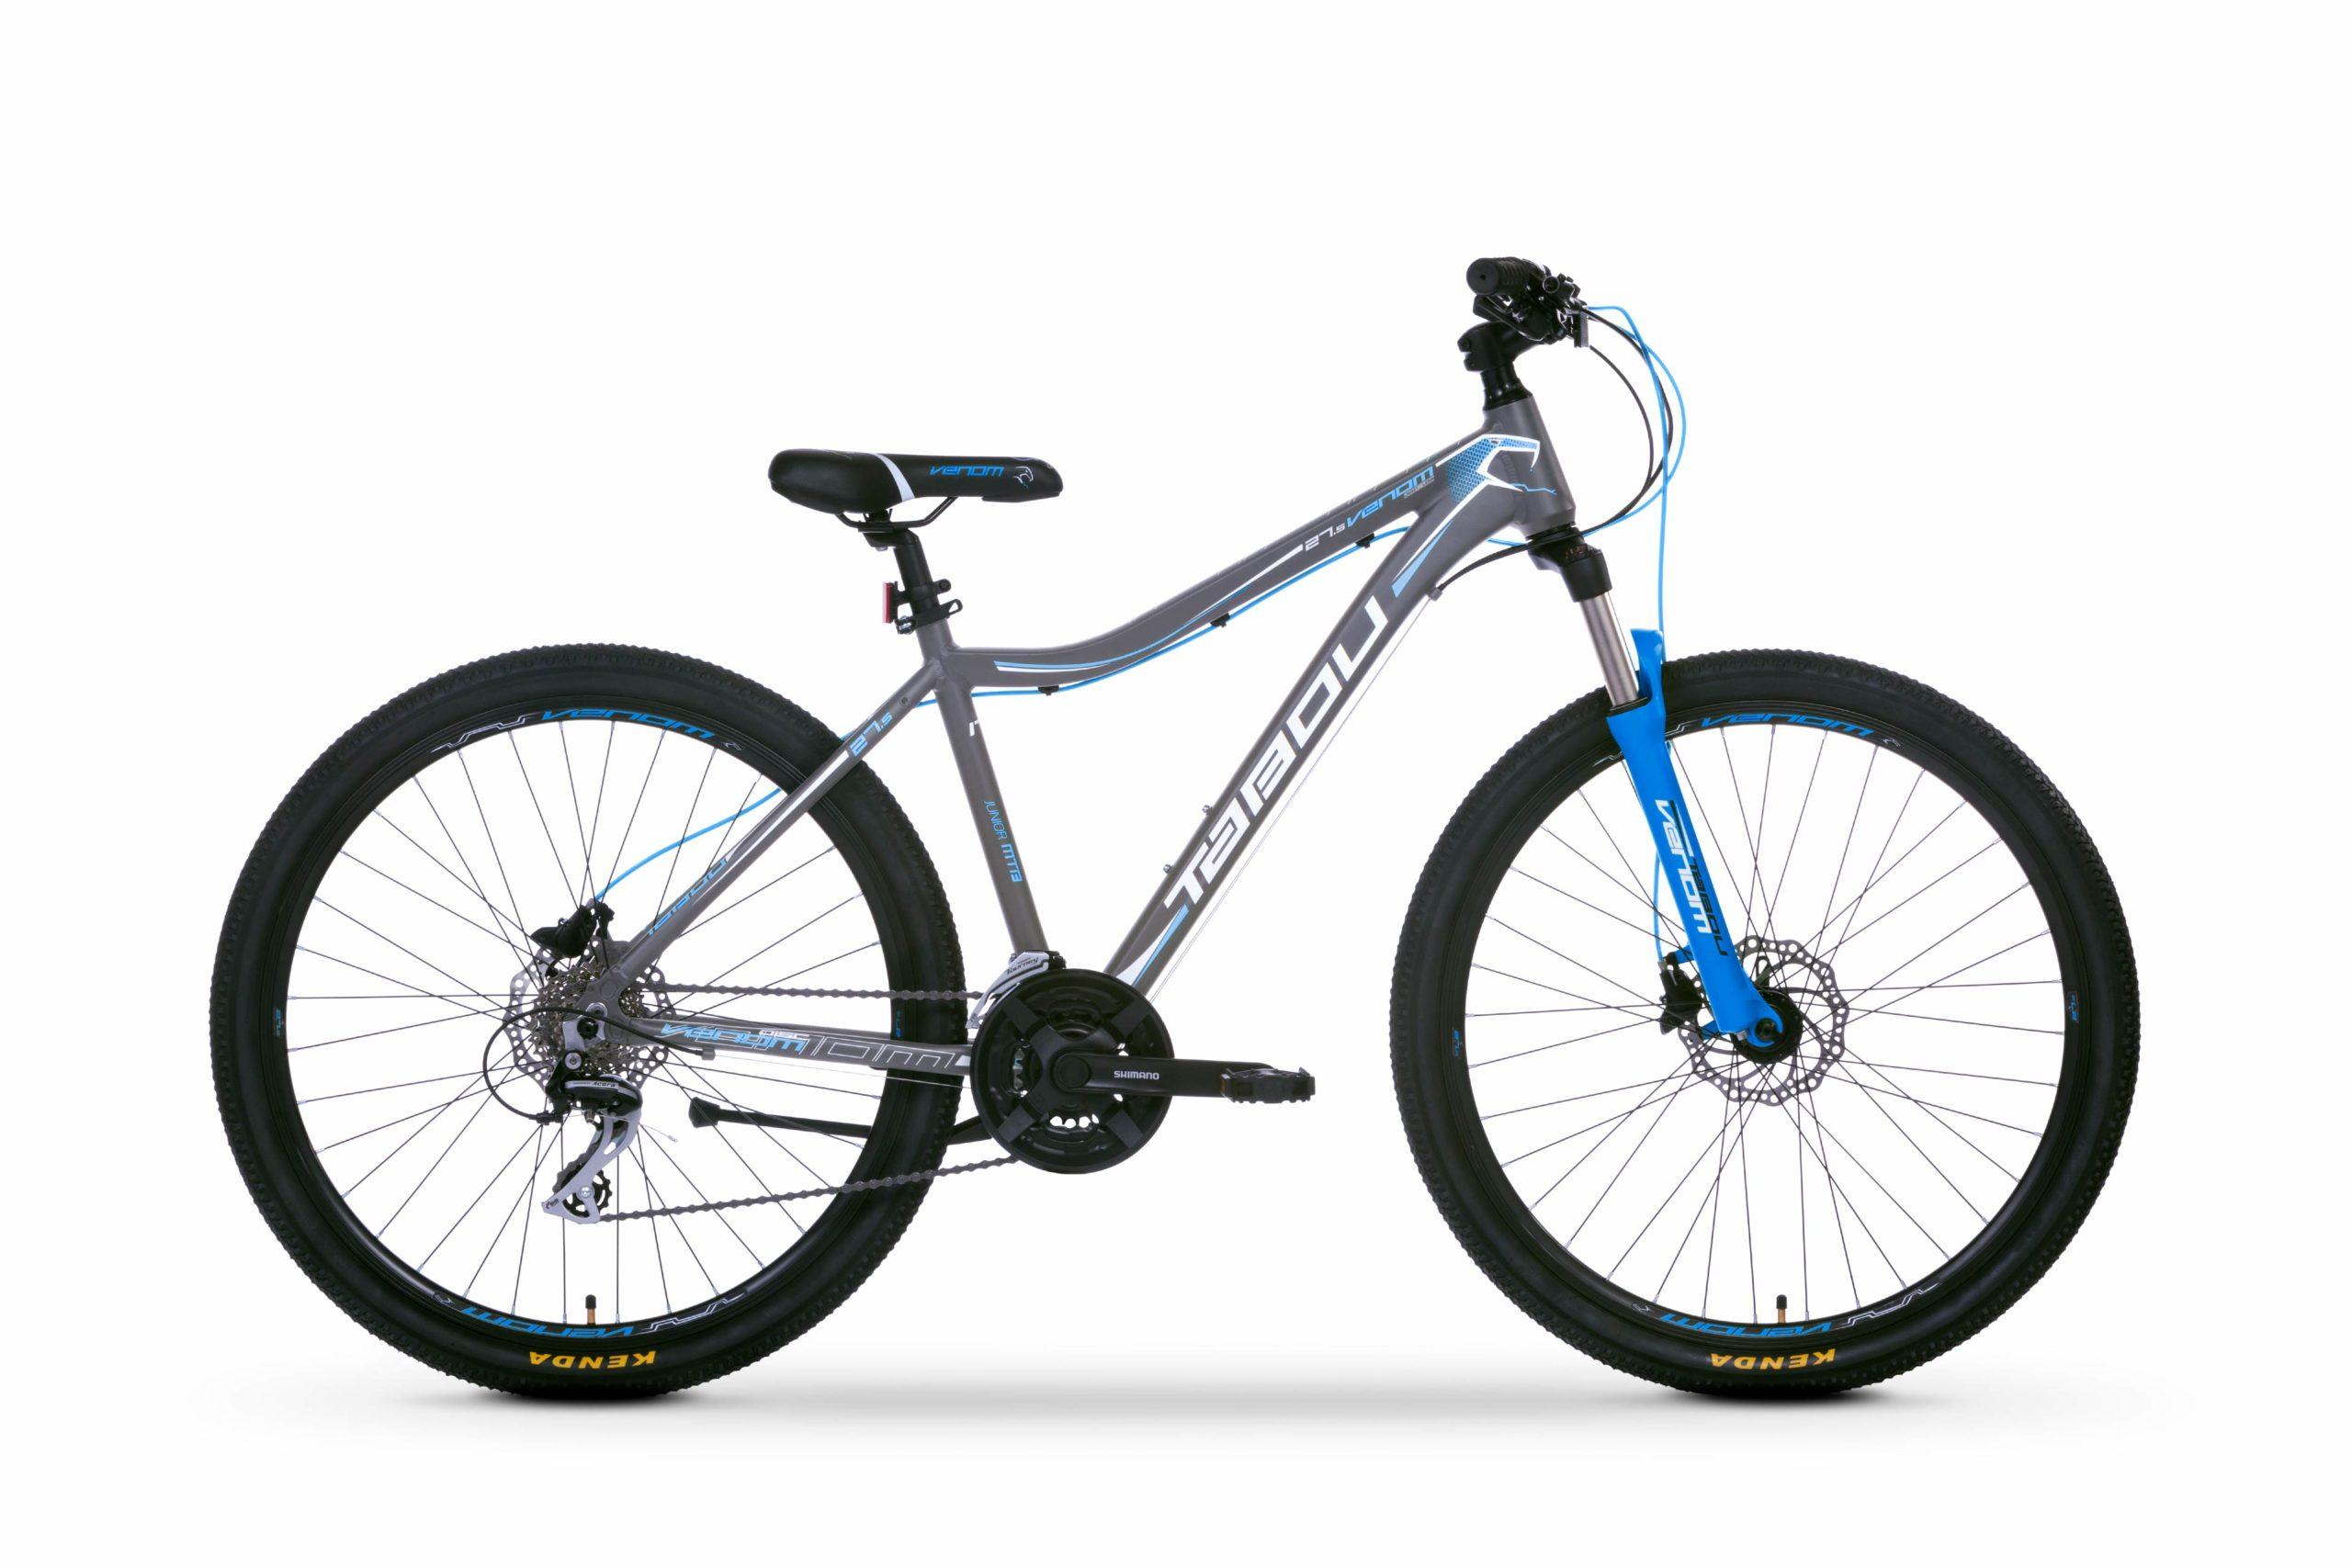 Rower firmy Tabou